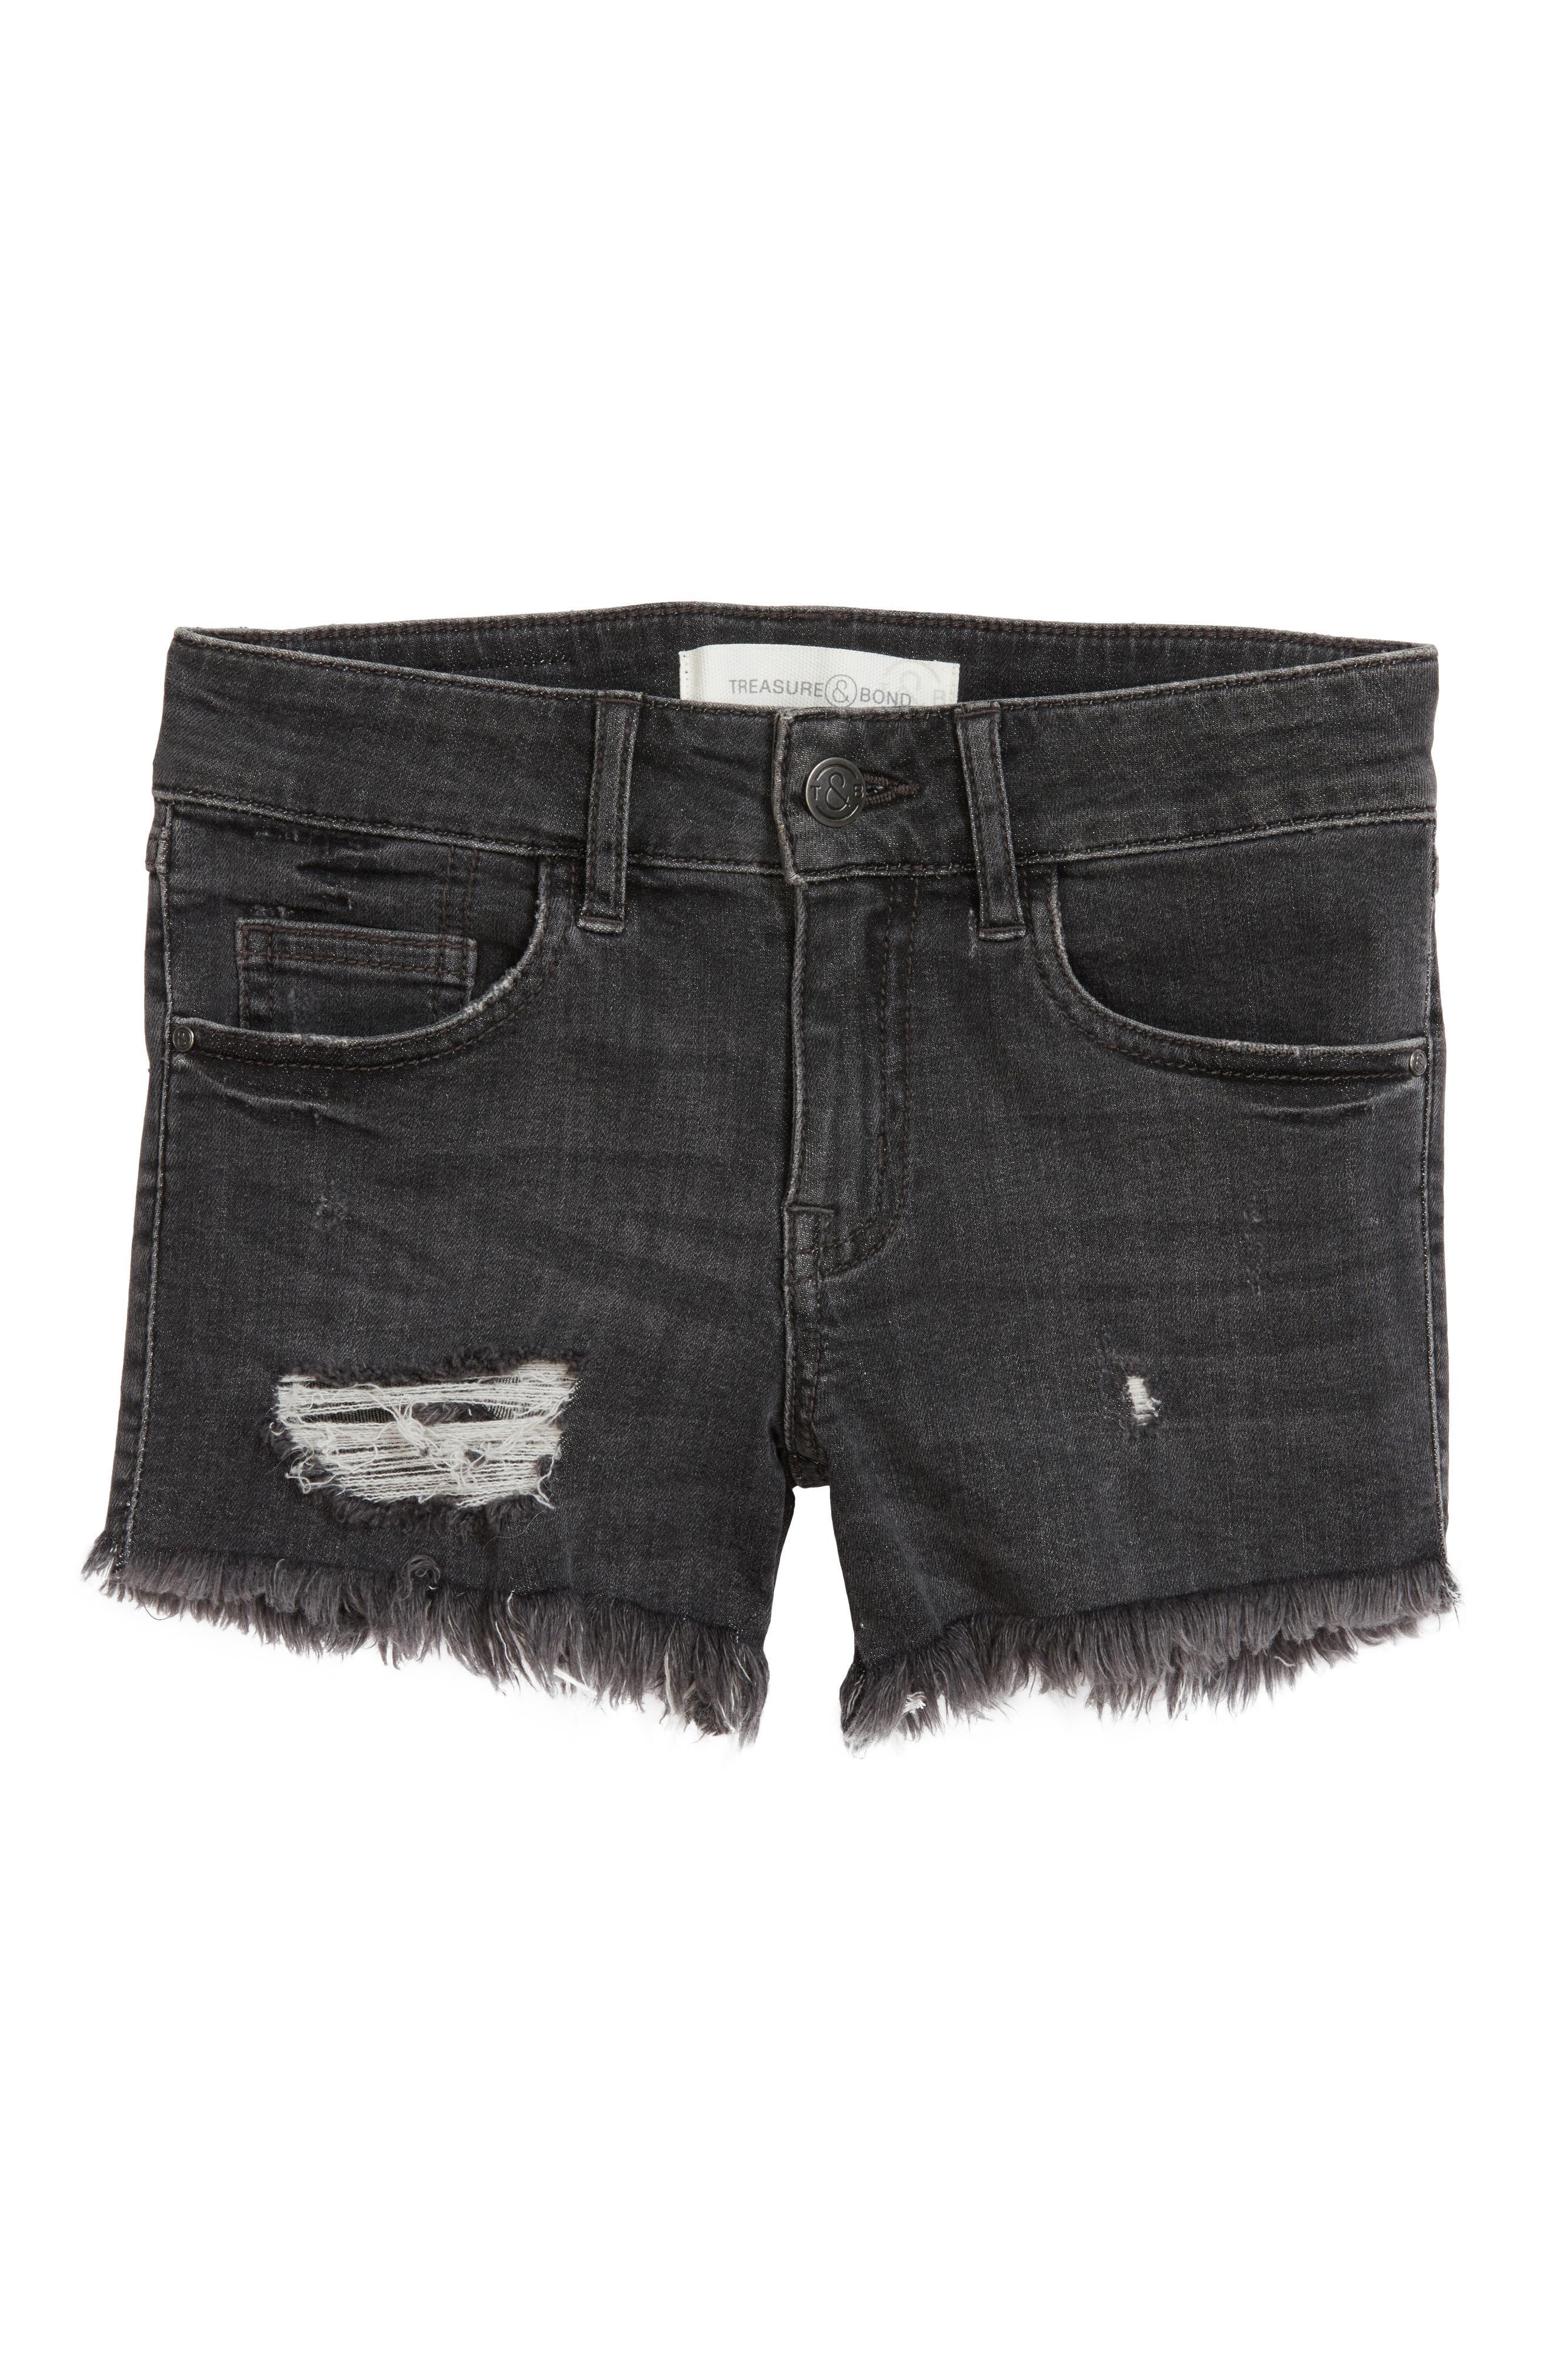 TREASURE & BOND Distressed Cutoff Denim Shorts, Main, color, BLACK VINTAGE WASH